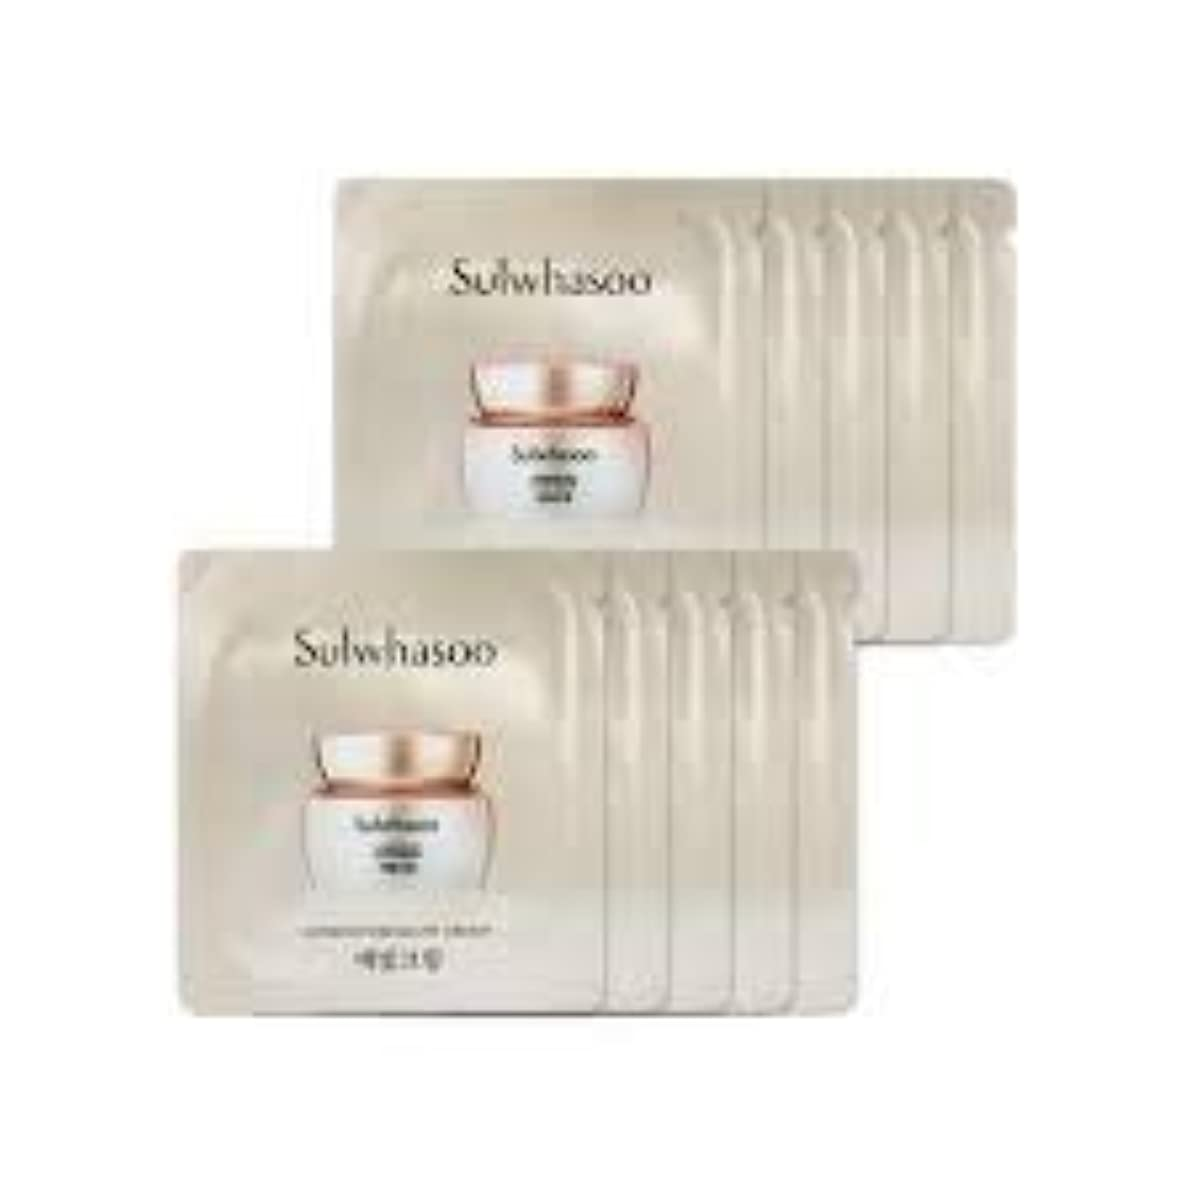 ヒステリック信念実際[ソルファス ] Sulwhasoo (雪花秀) ルミナチュアグロー Luminature Glow Cream 1ml x 30 (イェビトクリーム) [ShopMaster1]